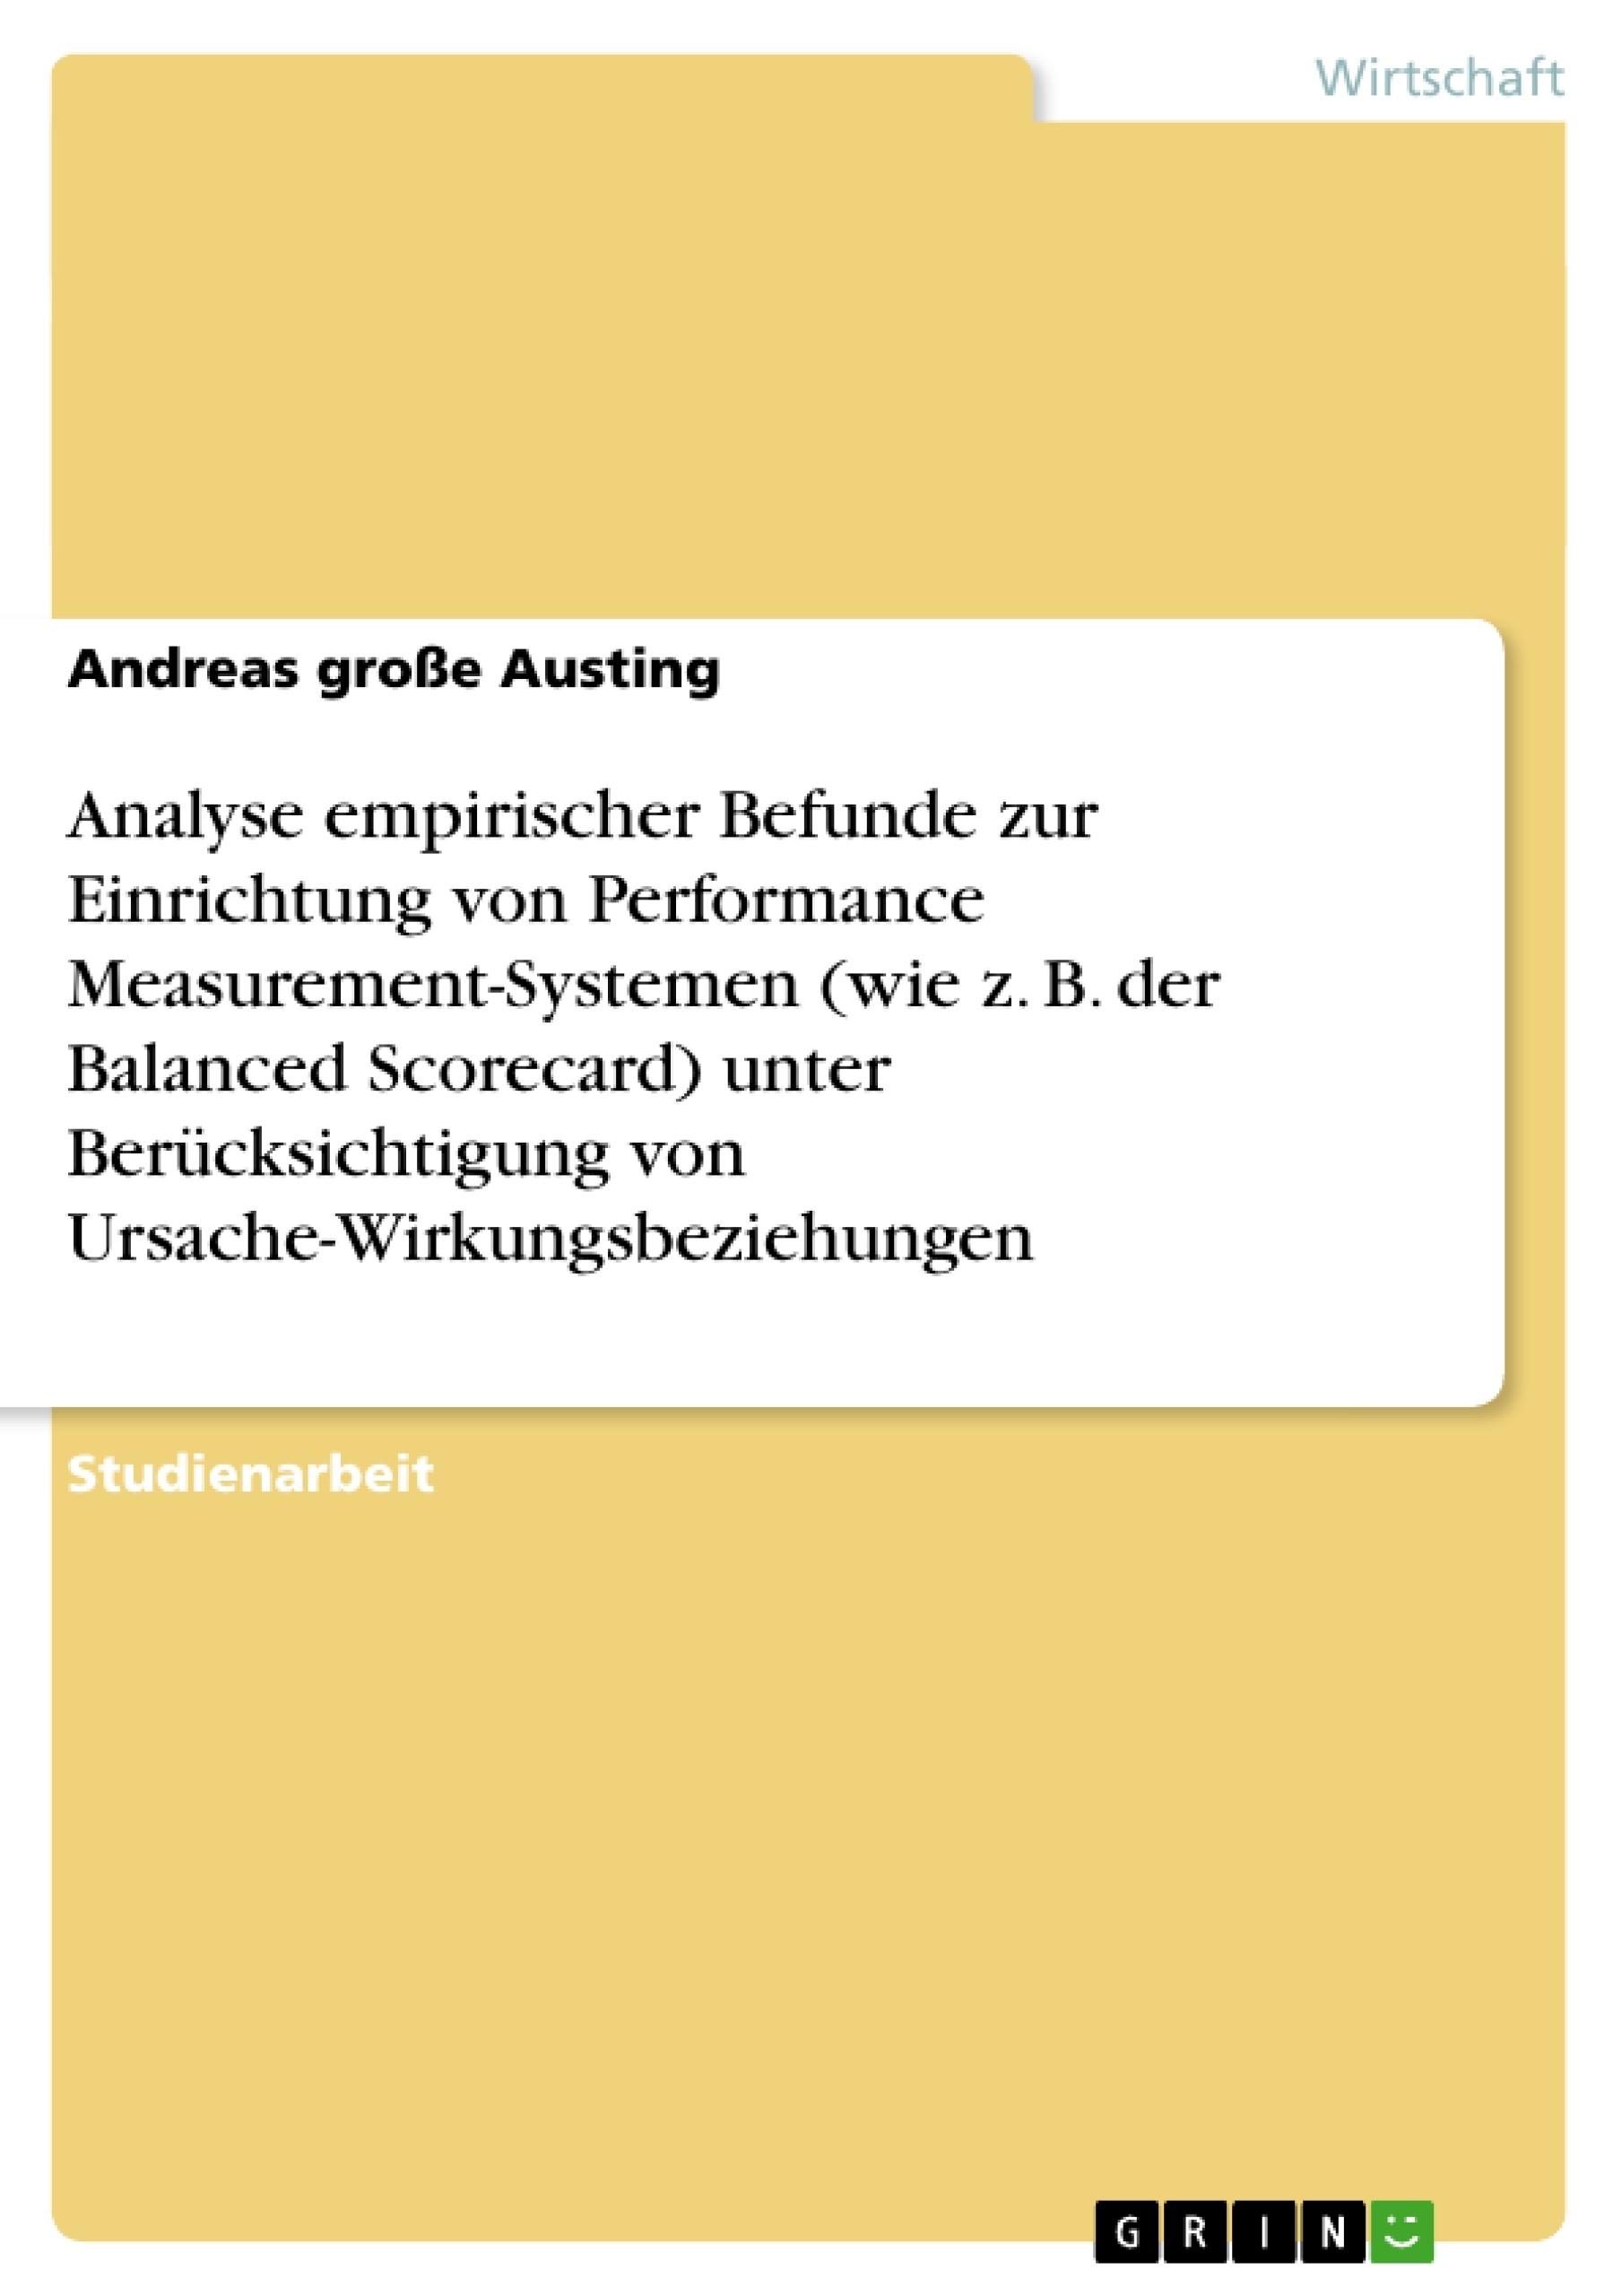 Titel: Analyse empirischer Befunde zur Einrichtung von Performance Measurement-Systemen (wie z. B. der Balanced Scorecard) unter Berücksichtigung von Ursache-Wirkungsbeziehungen